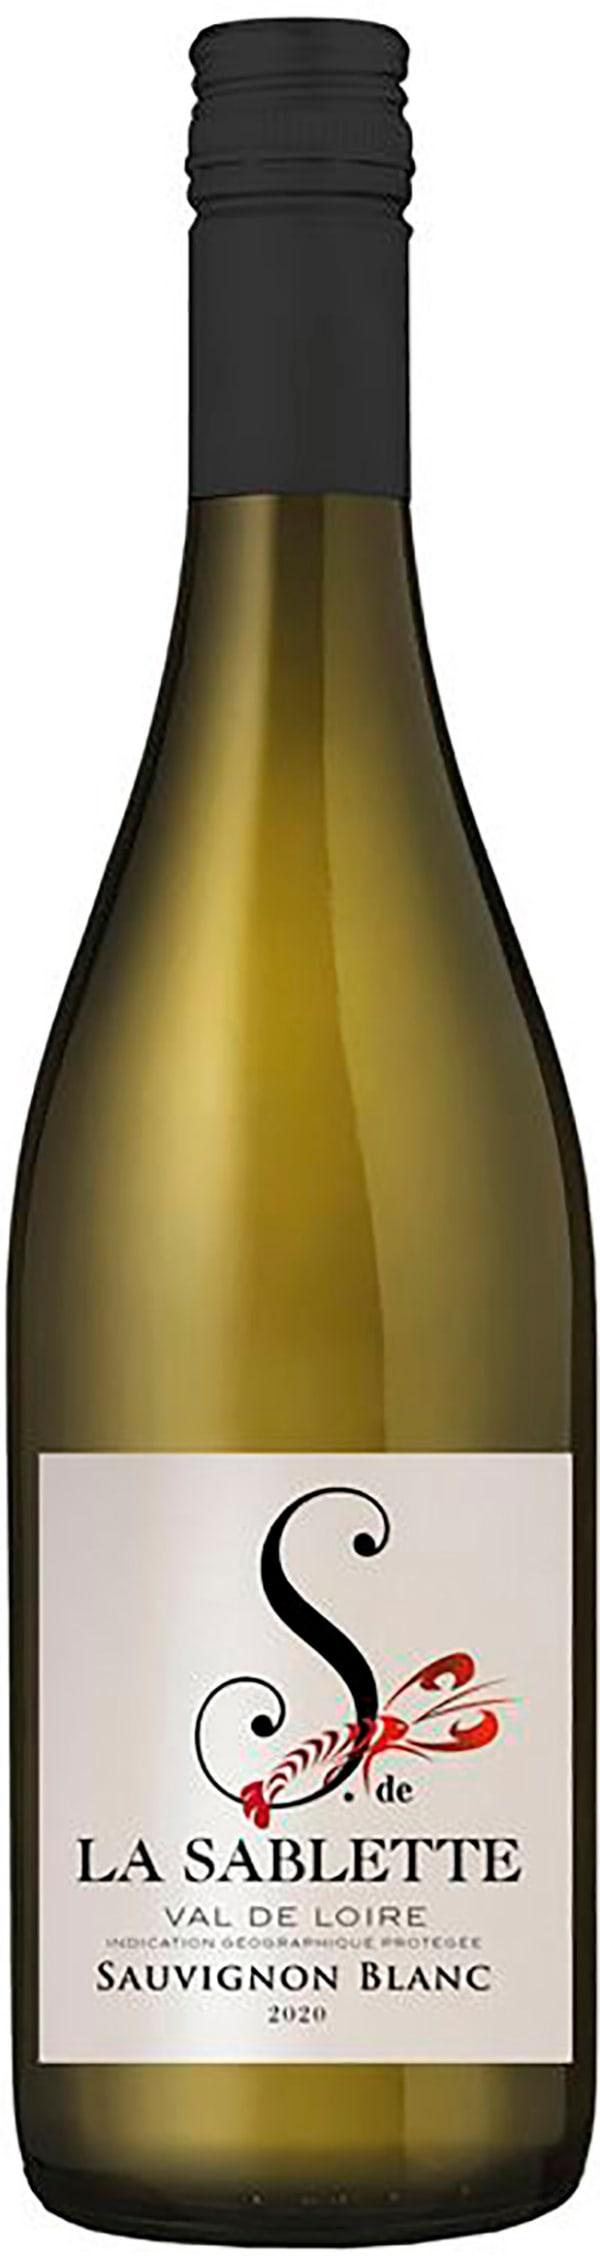 S de la Sablette Sauvignon Blanc 2018